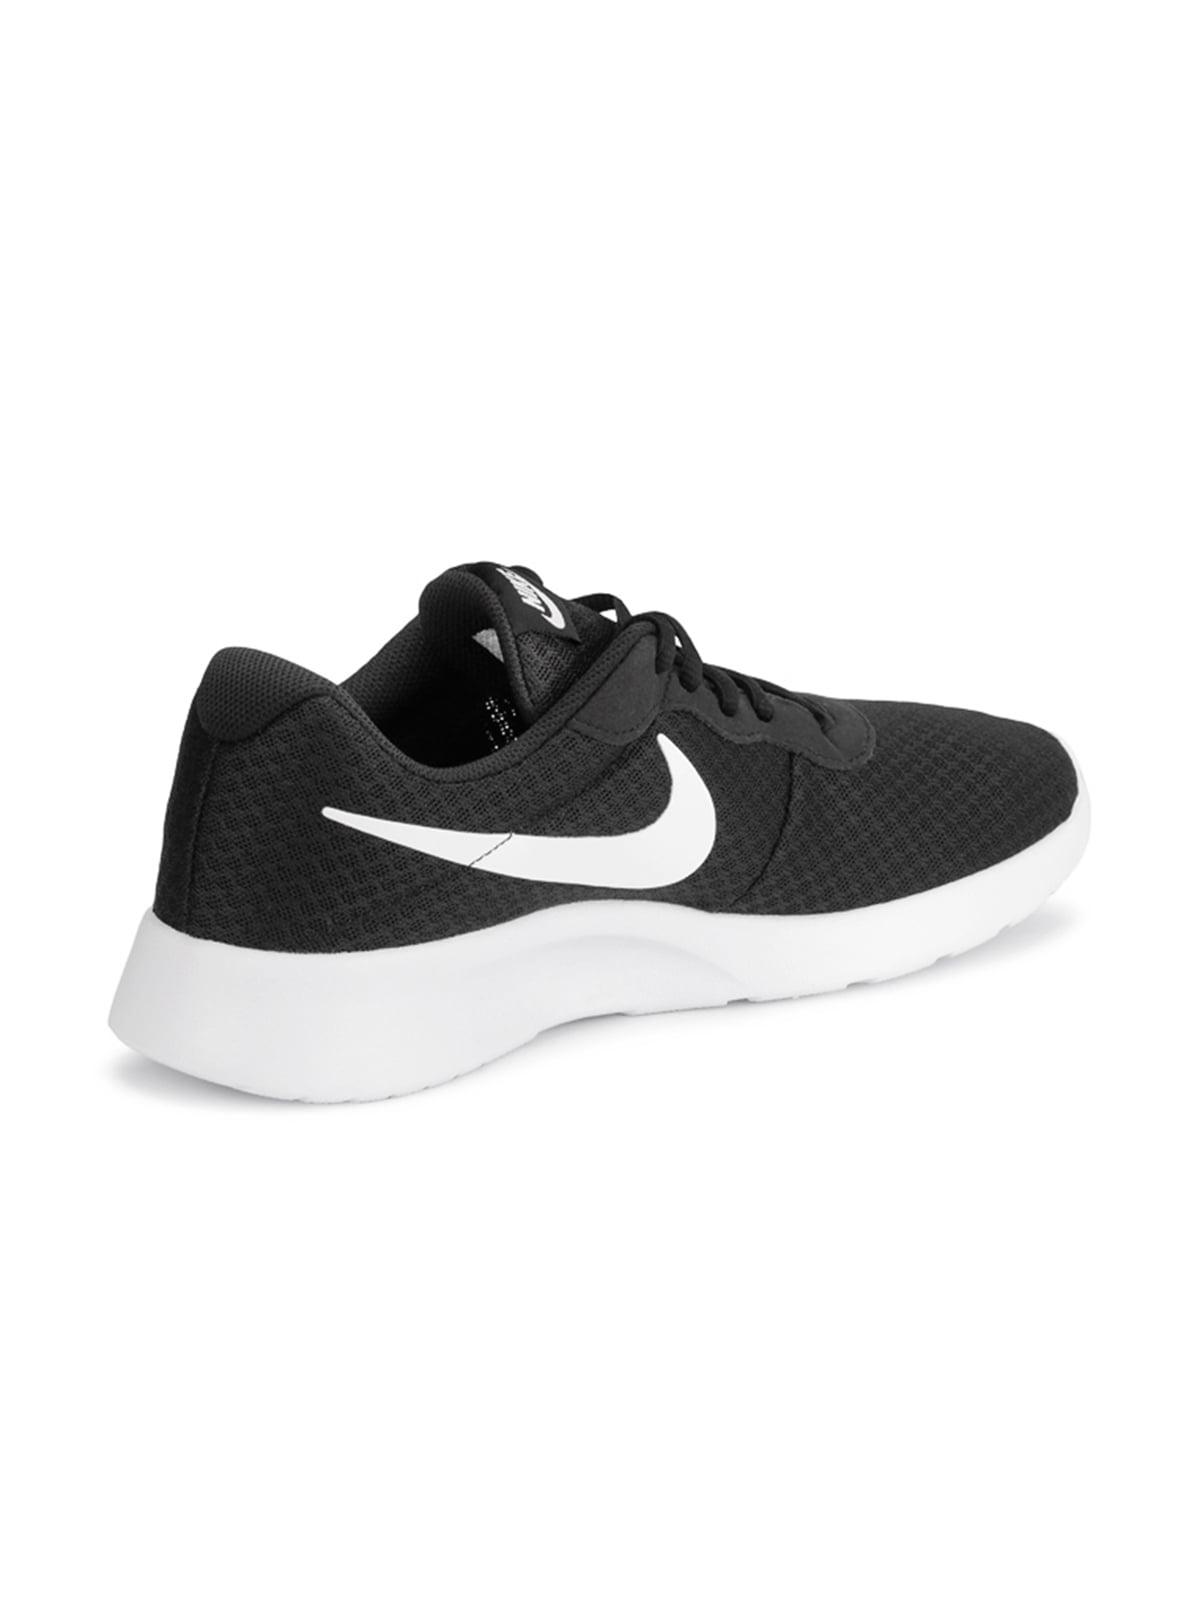 Кросівки чорні | 4901875 | фото 2